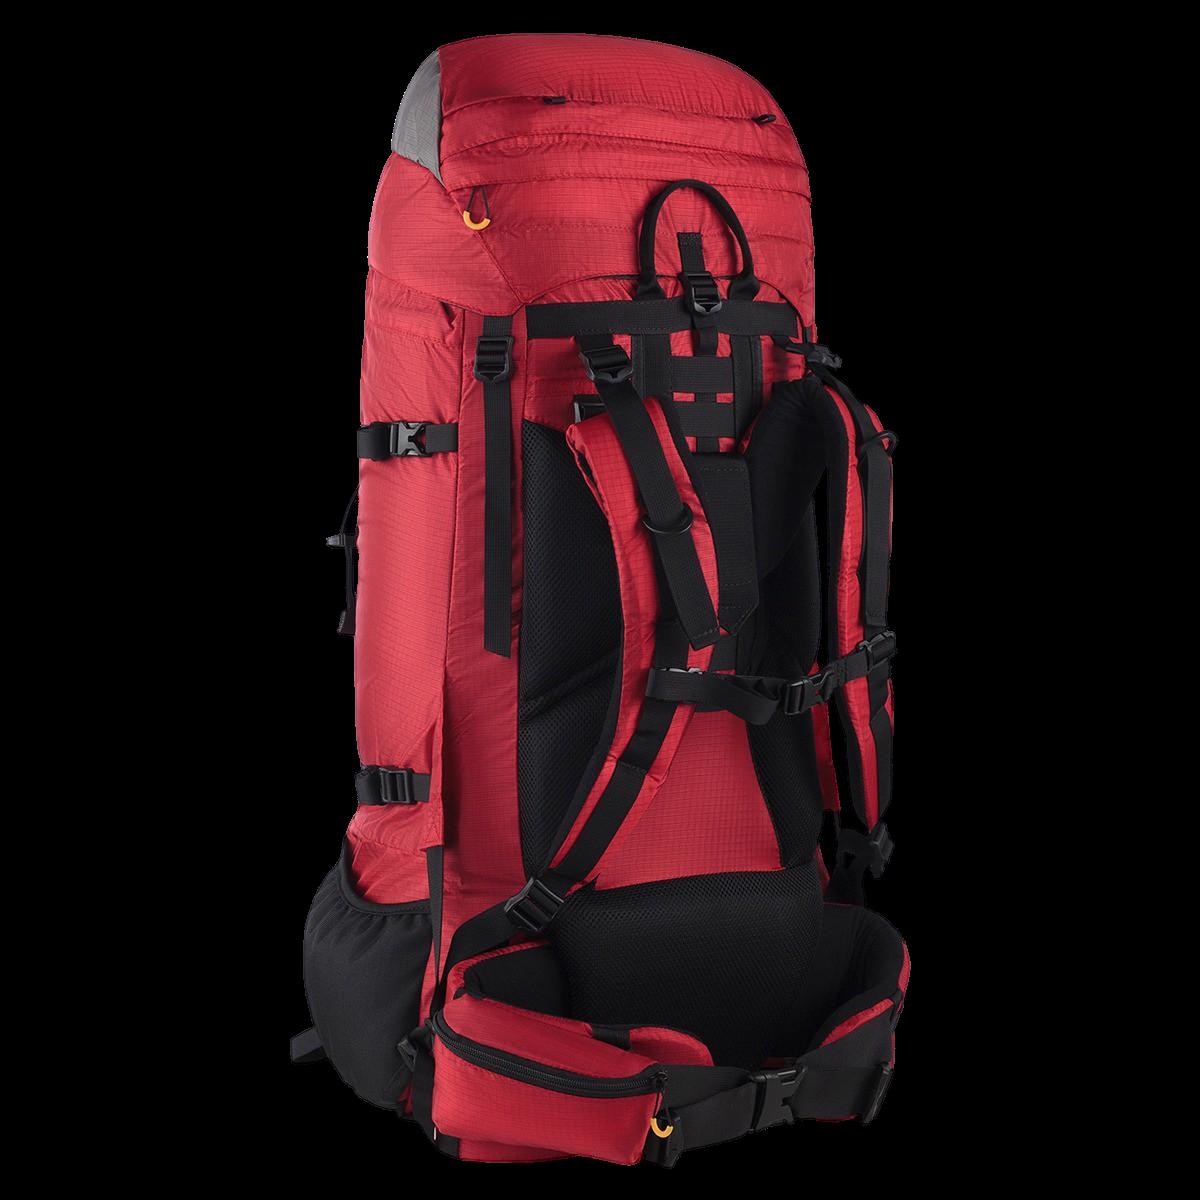 Туристический рюкзак BASK SHIVLING 60 V3 фото